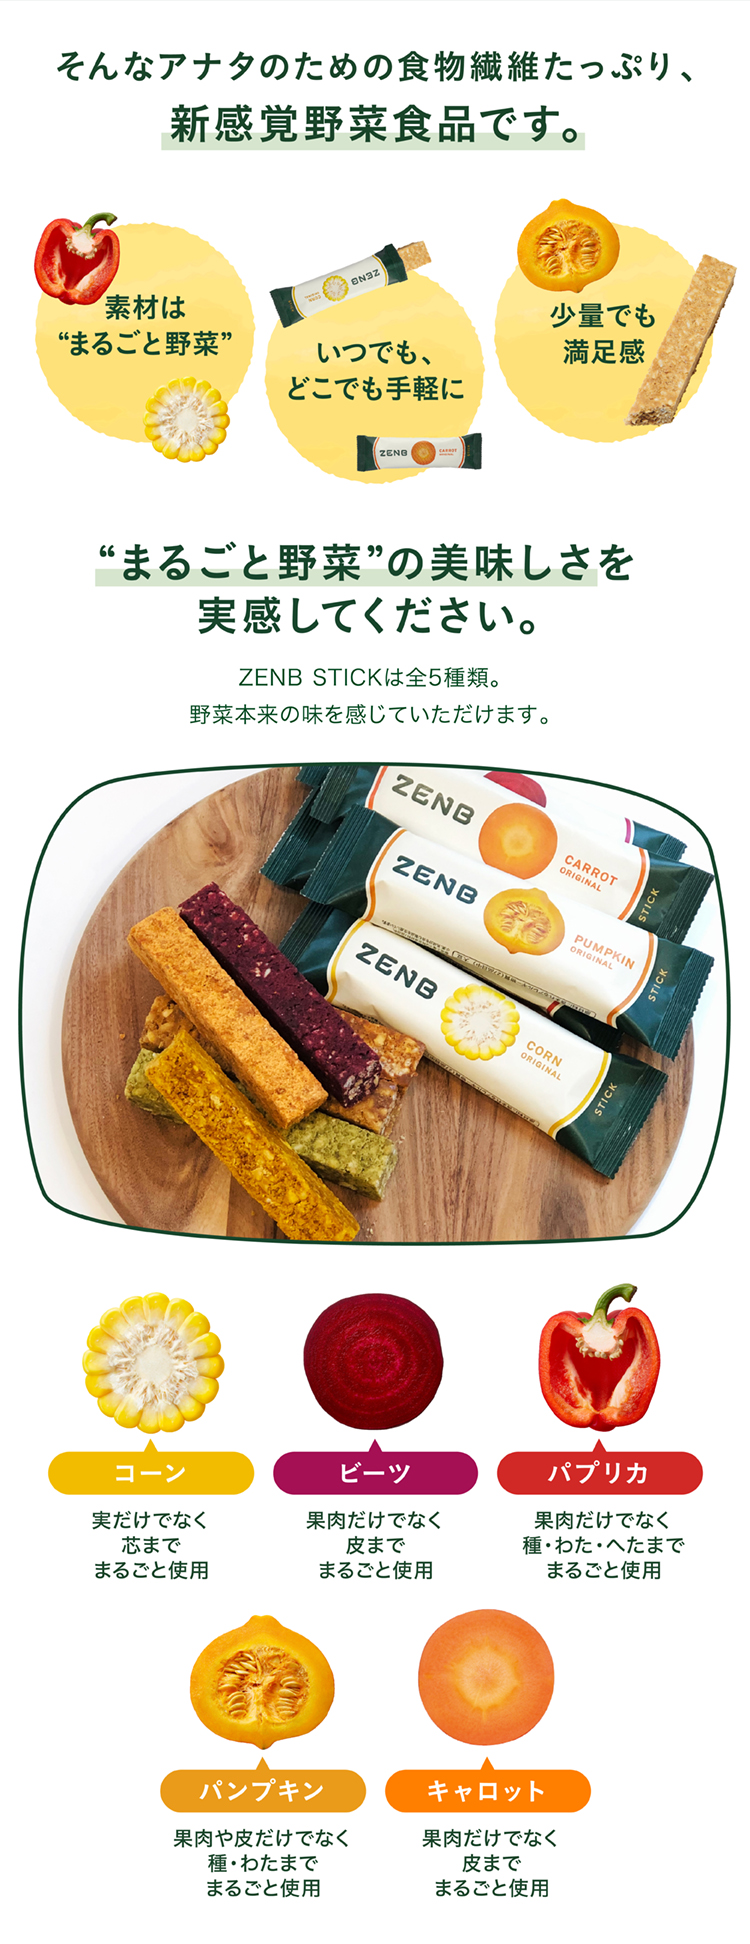 ZENB STICKは食物繊維たっぷり、新感覚野菜食品です。